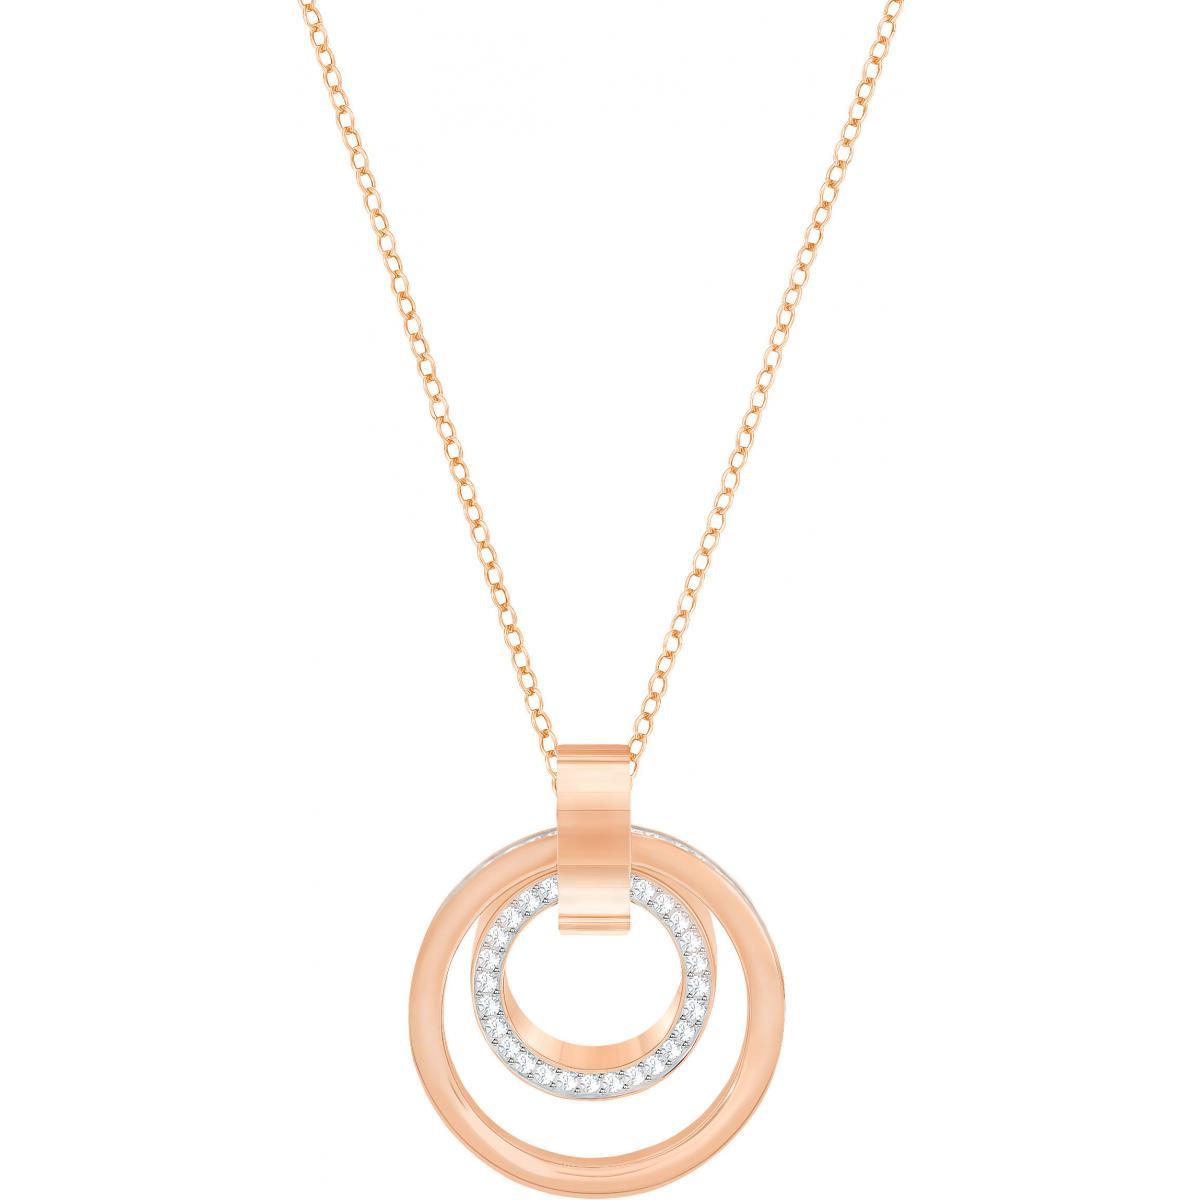 Collier et pendentif Swarovski Bijoux 5349418 - Collier et pendentif  Cristaux Swarovski doré rose Femme